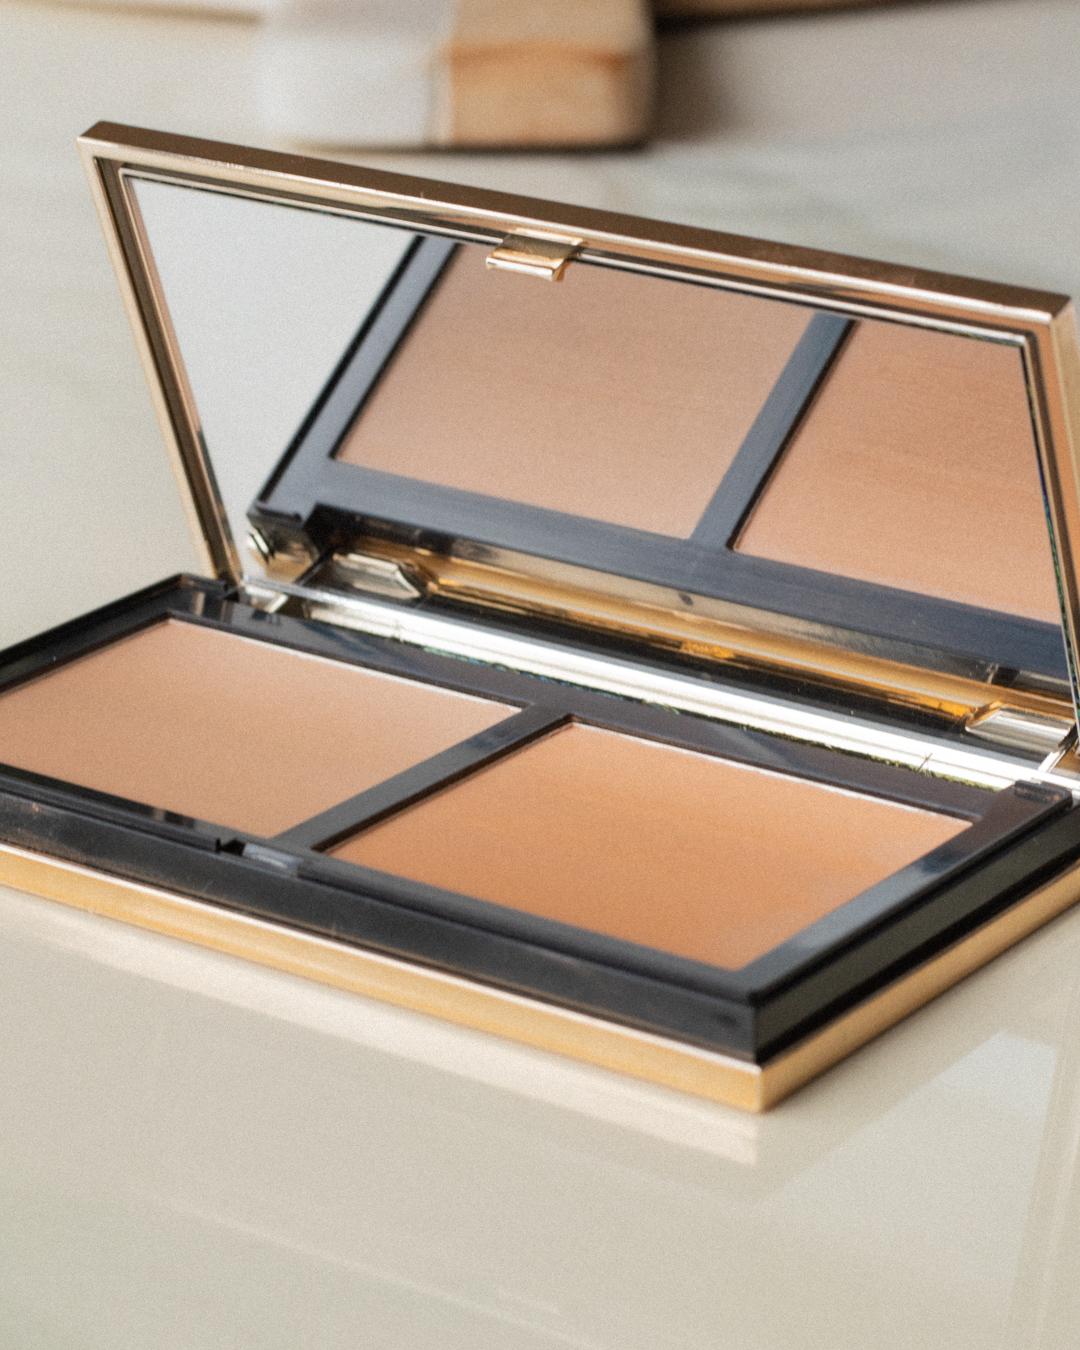 VIEVE Modern Bronzer Light Swatches-2